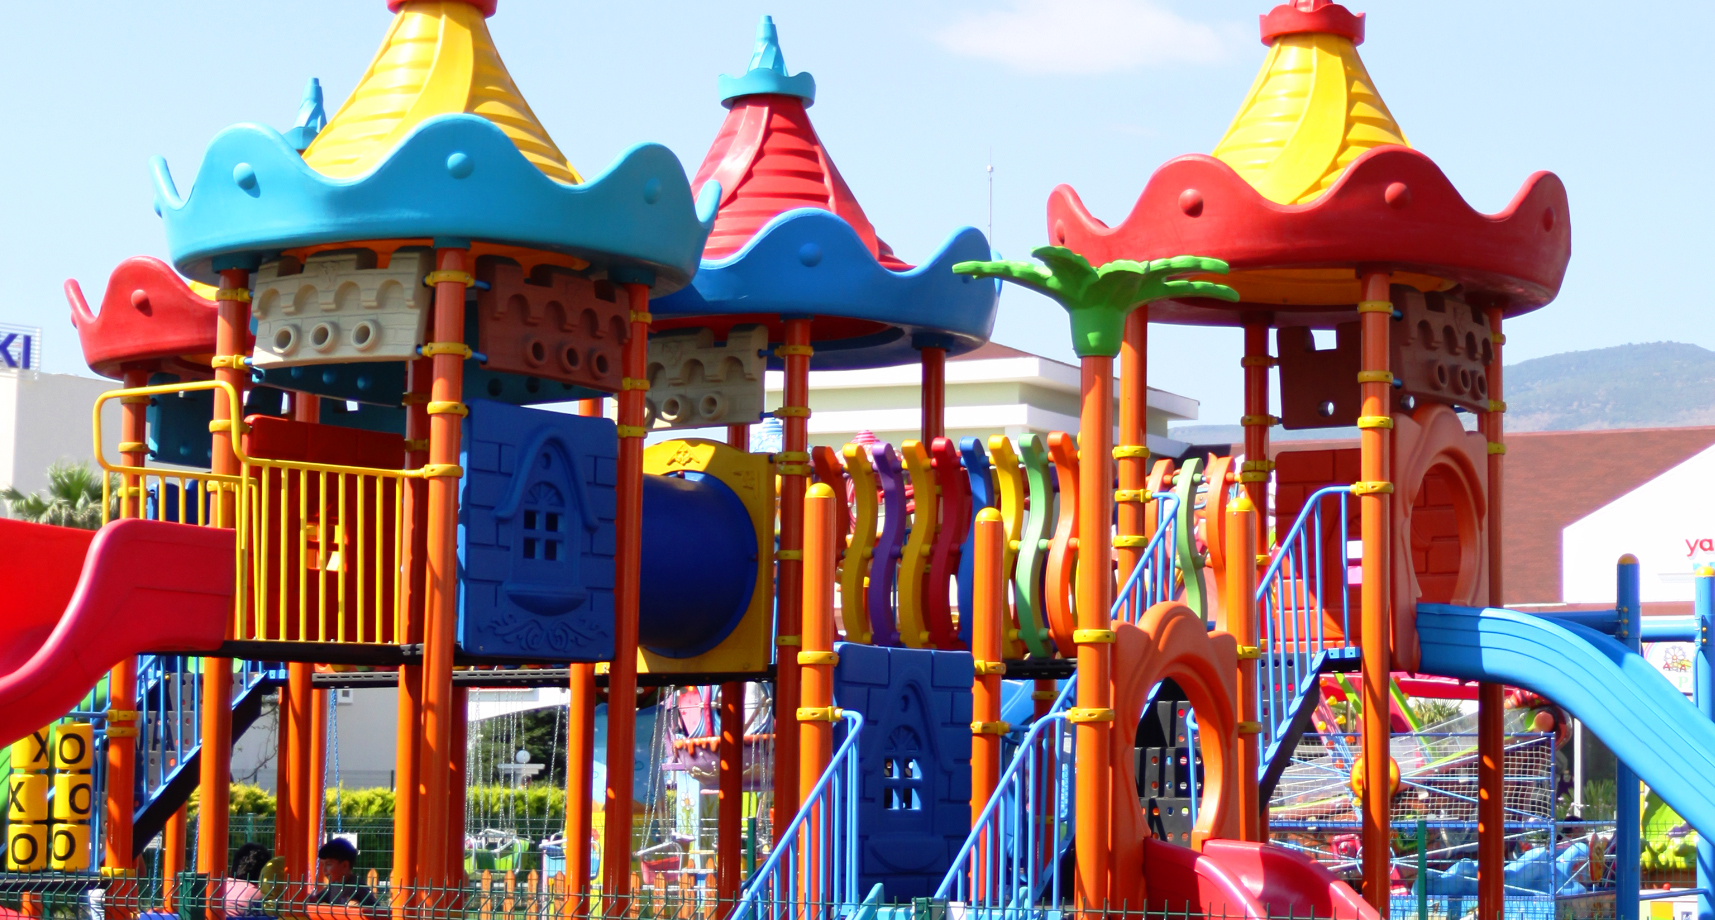 Çocuk Parklarının Çocuk Gelişimindeki Olumlu Etkileri